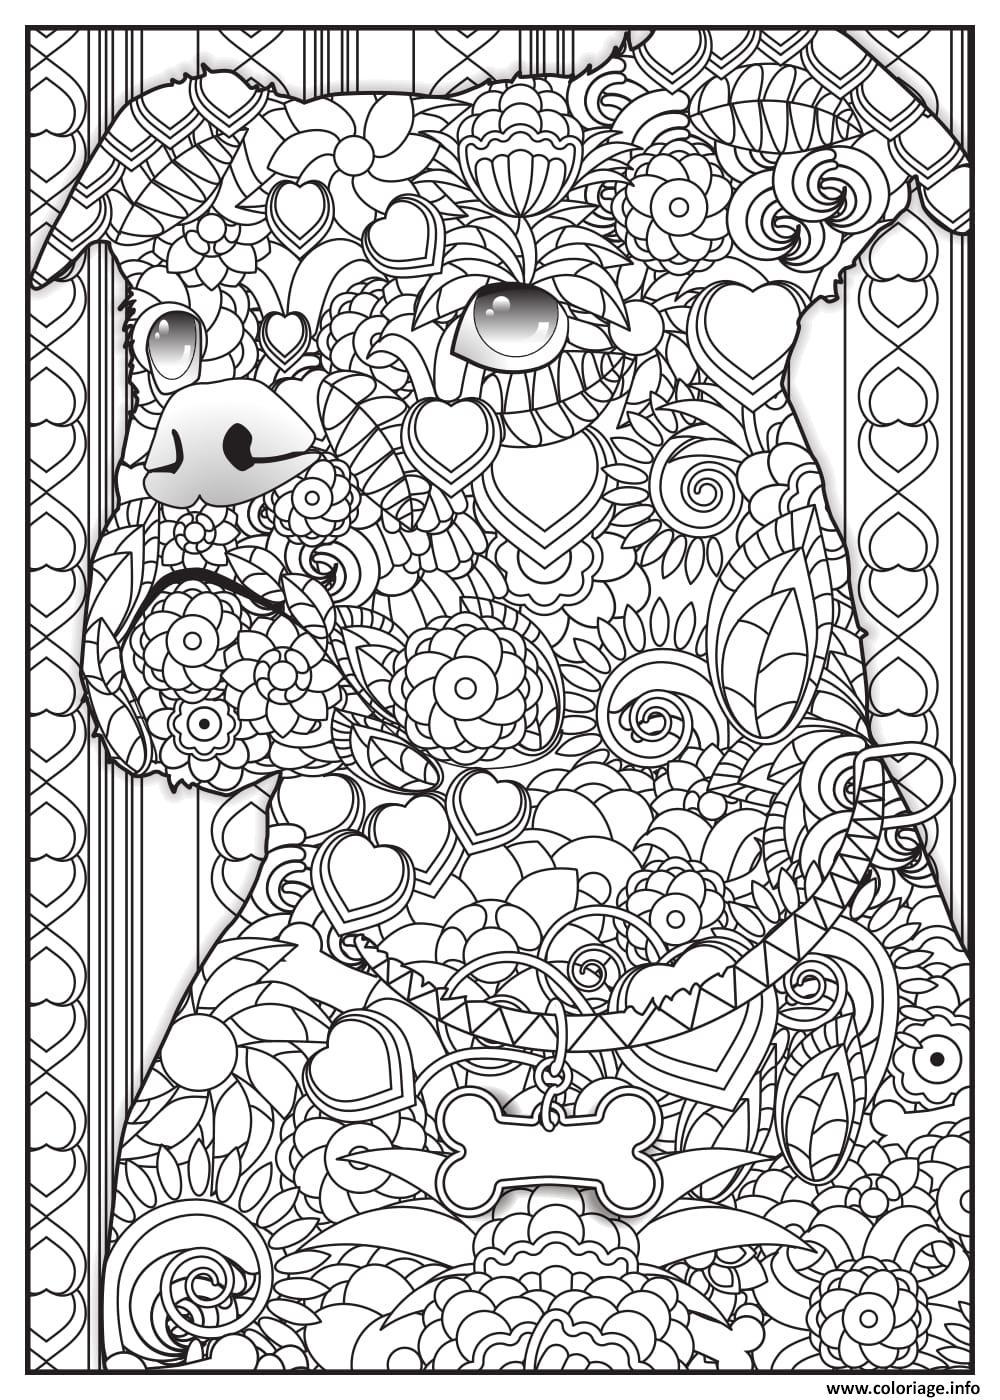 Coloriage Chien Bulldog Adulte Animaux dessin